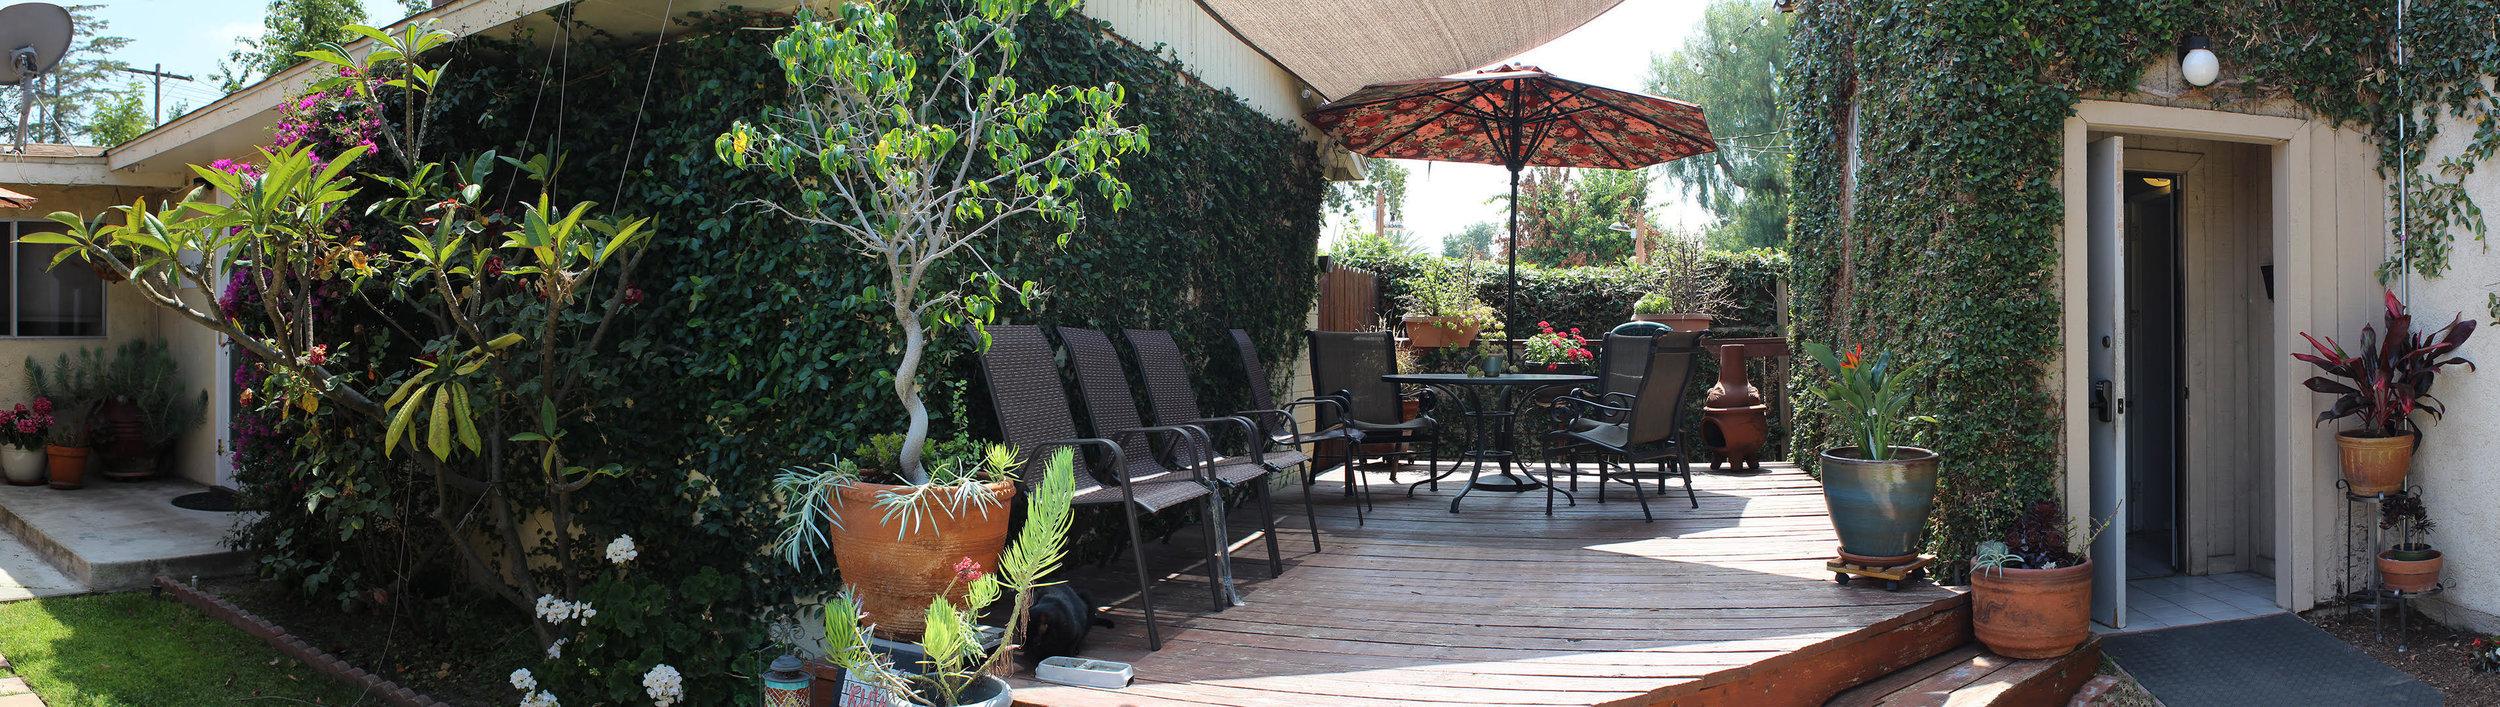 courtyard2 copy.jpg